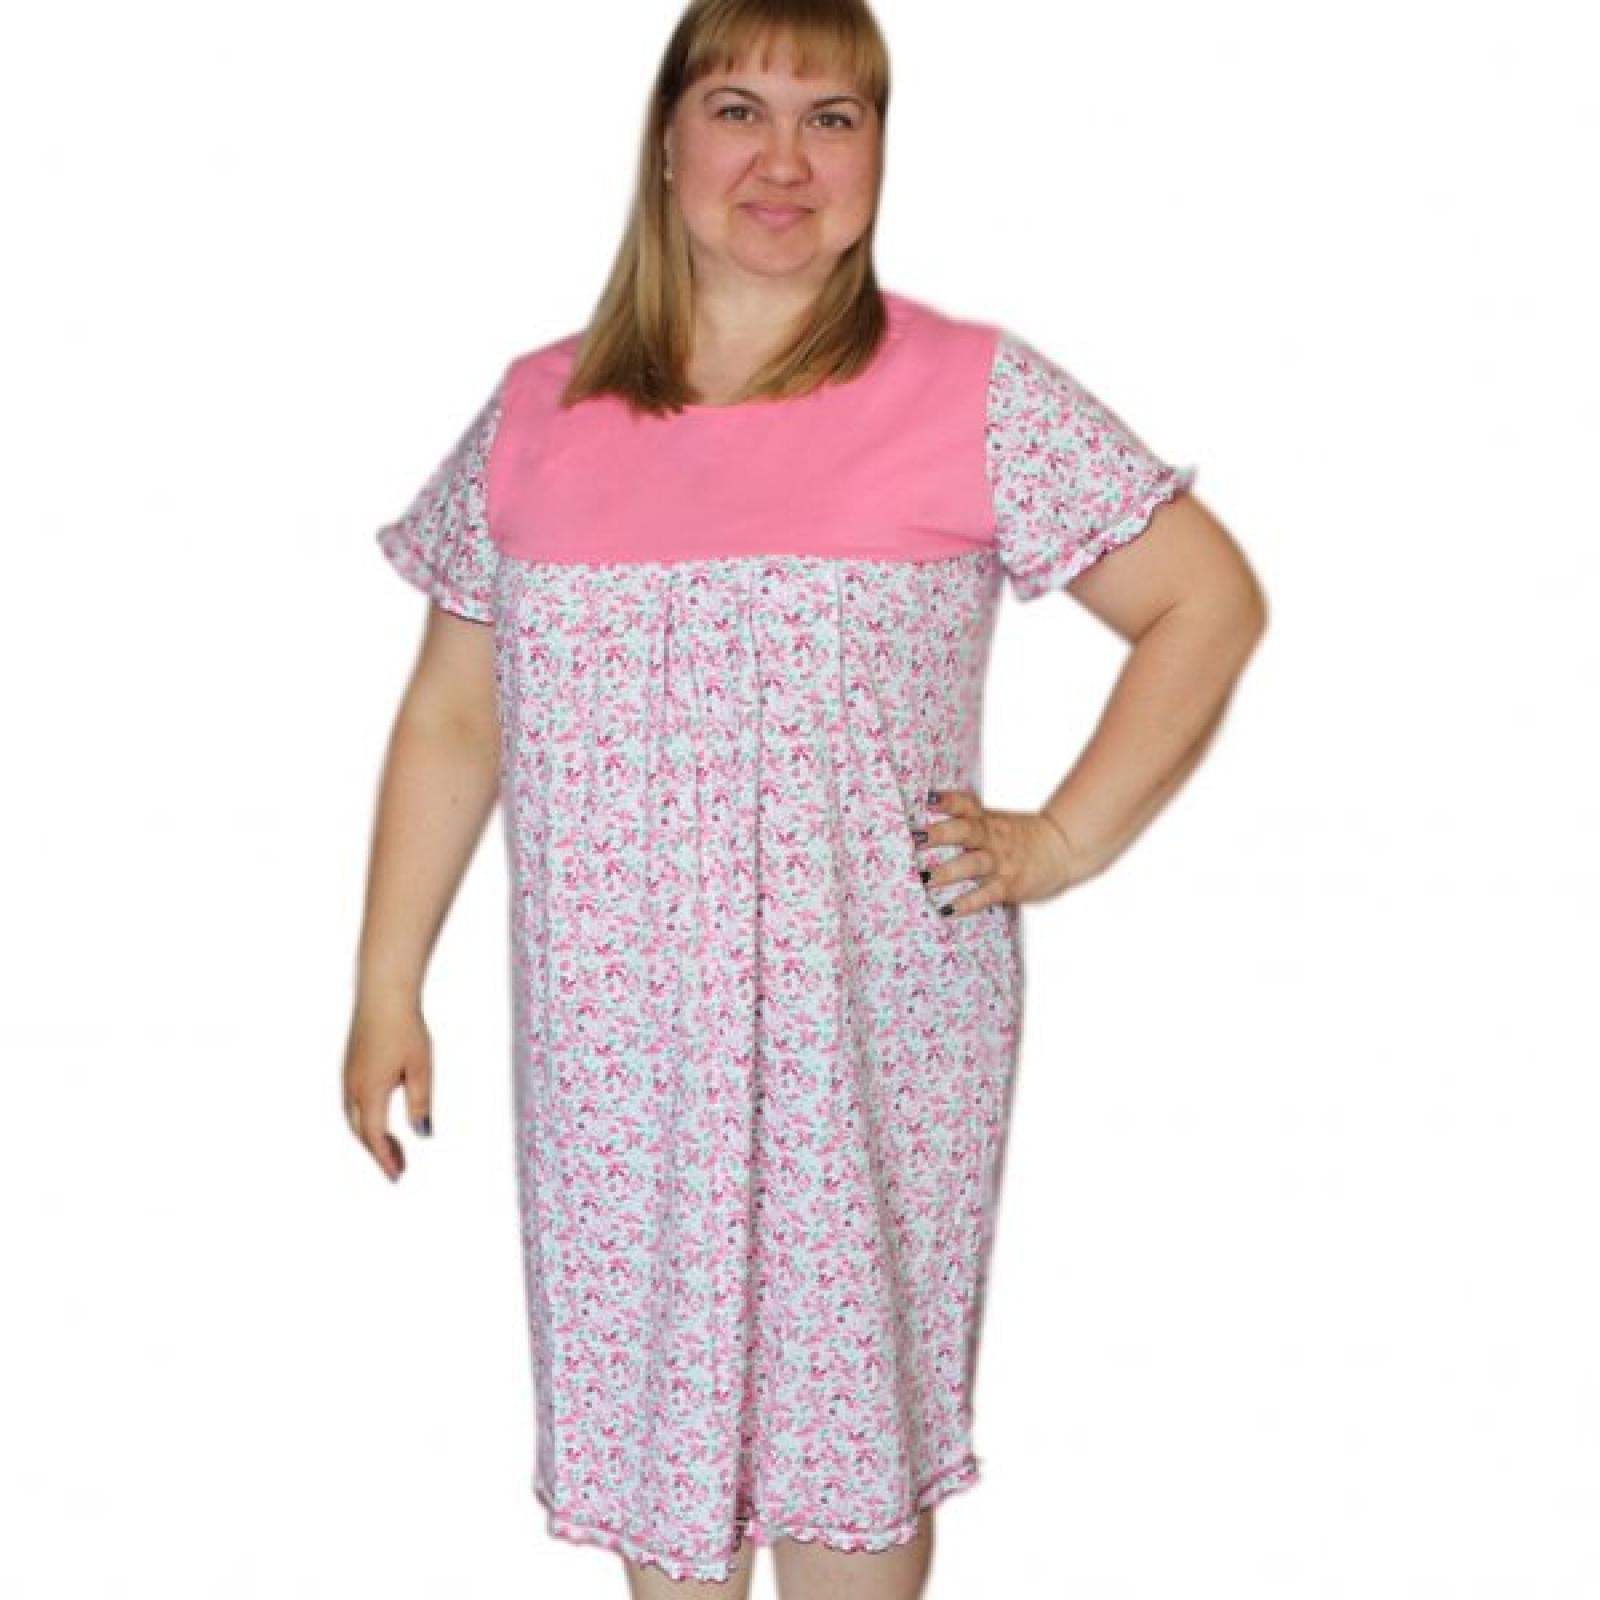 Сорочка (кокетка) Розовые цветочки М-0068Р